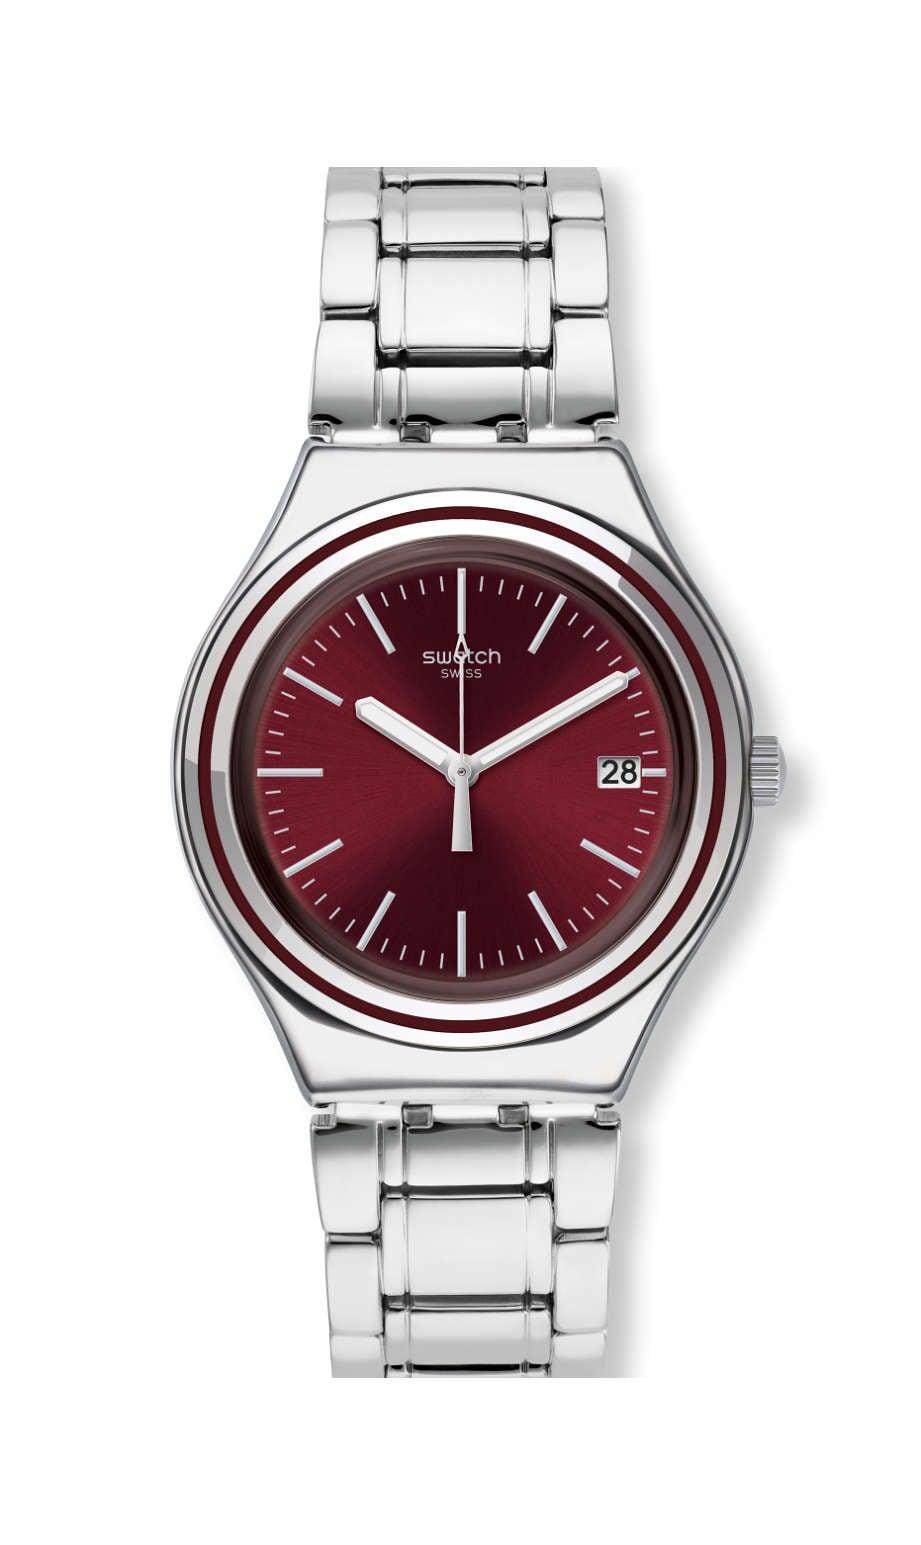 Swatch - DERNIER VERRE - 1